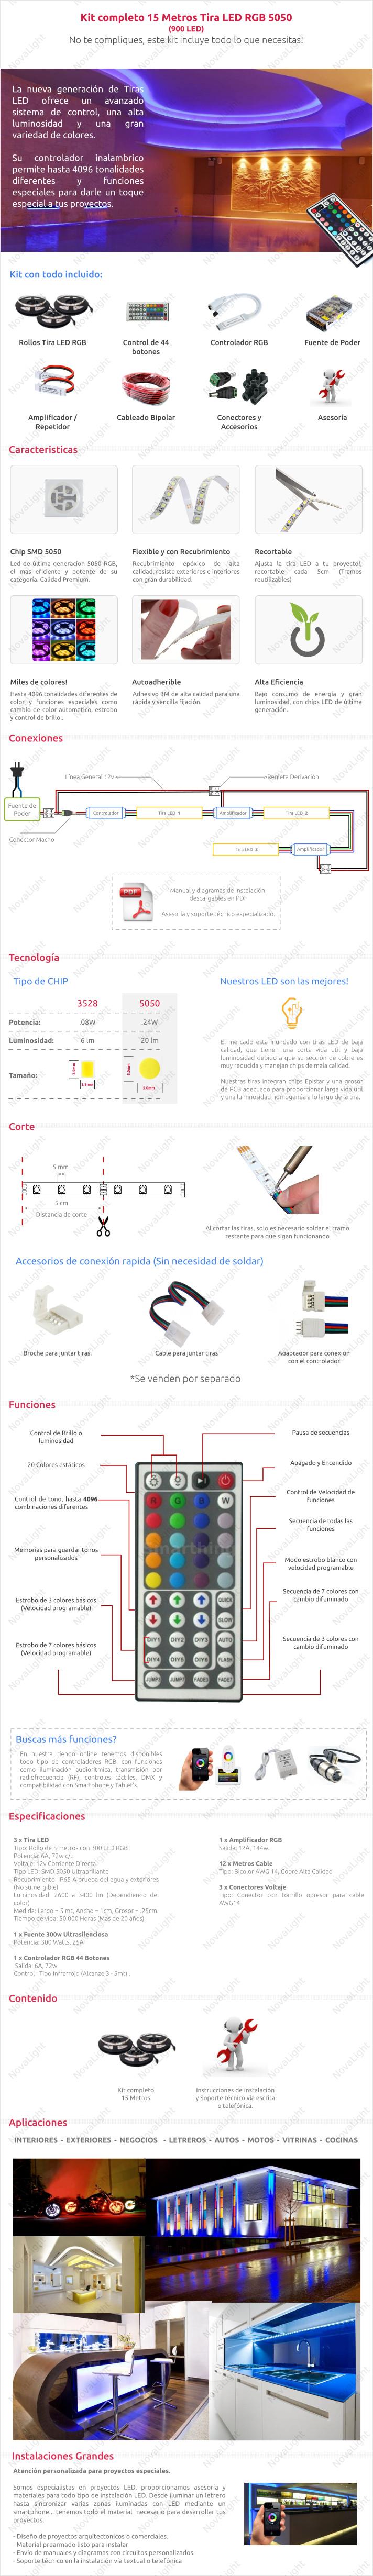 Descripción del articulo de tira LED RGB 15 metros Kit Completo